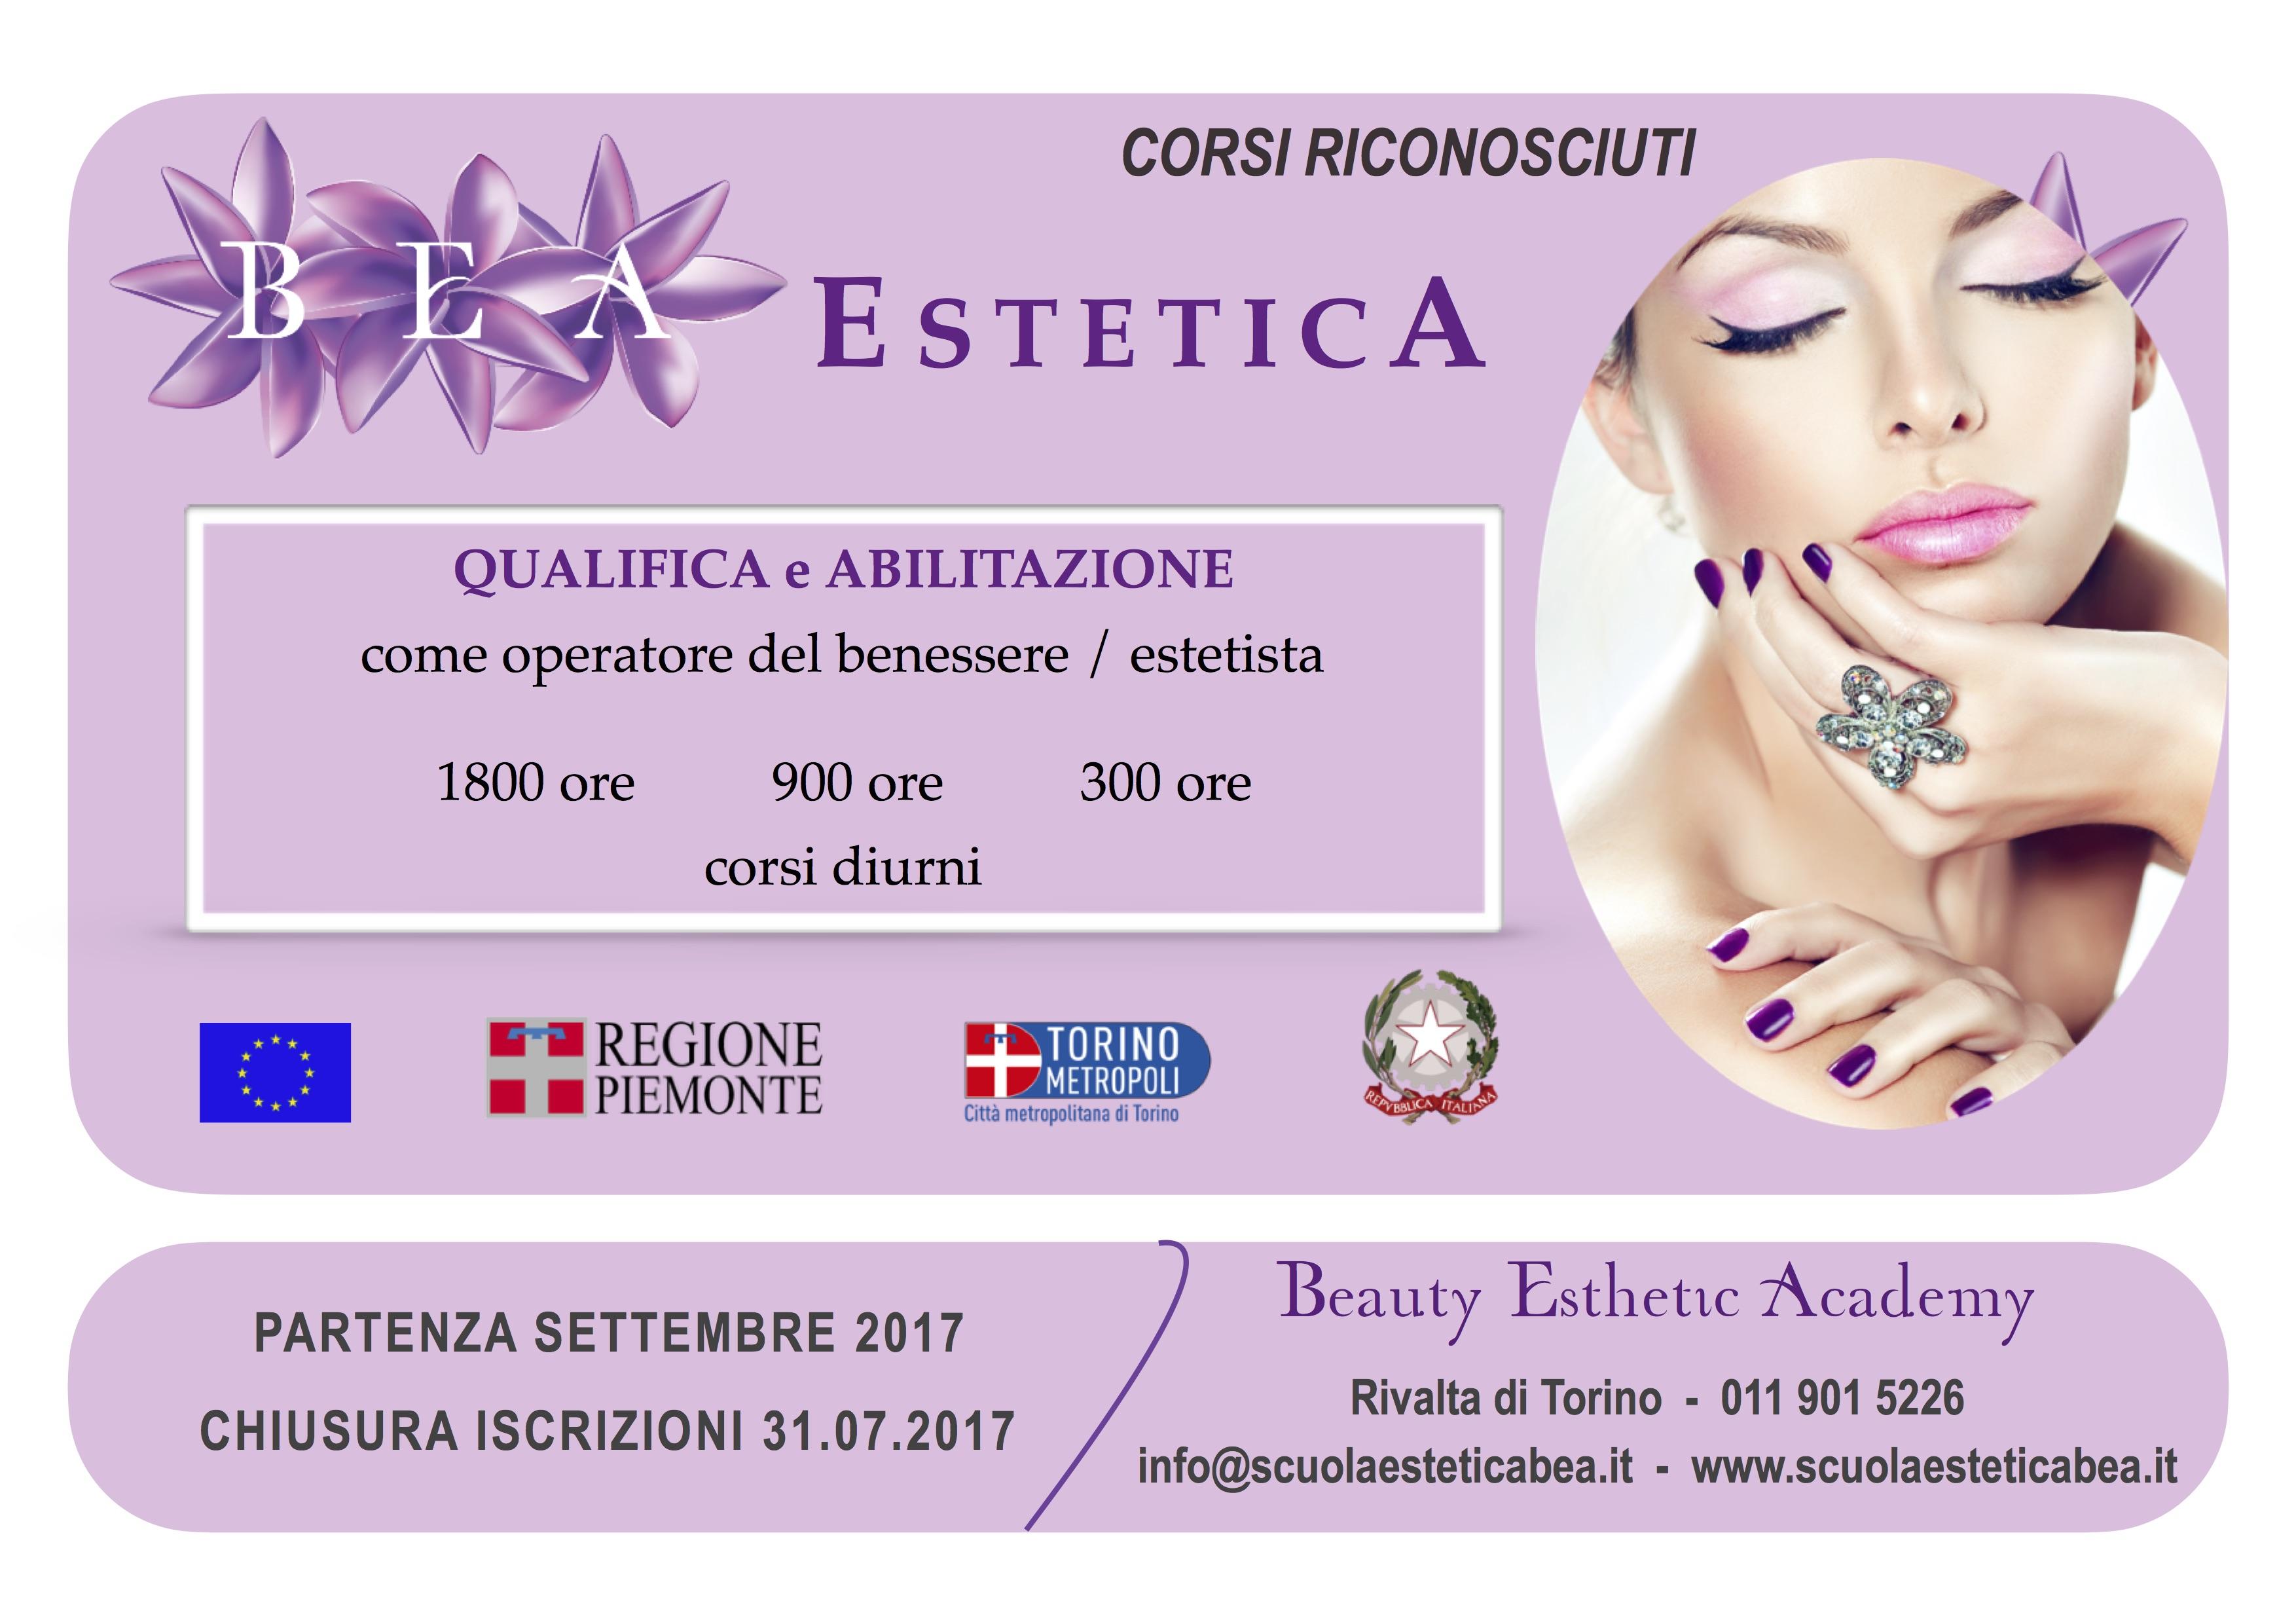 corsi riconosciuti di estetica, scuola BEA, Beauty Esthetic Academy Torino